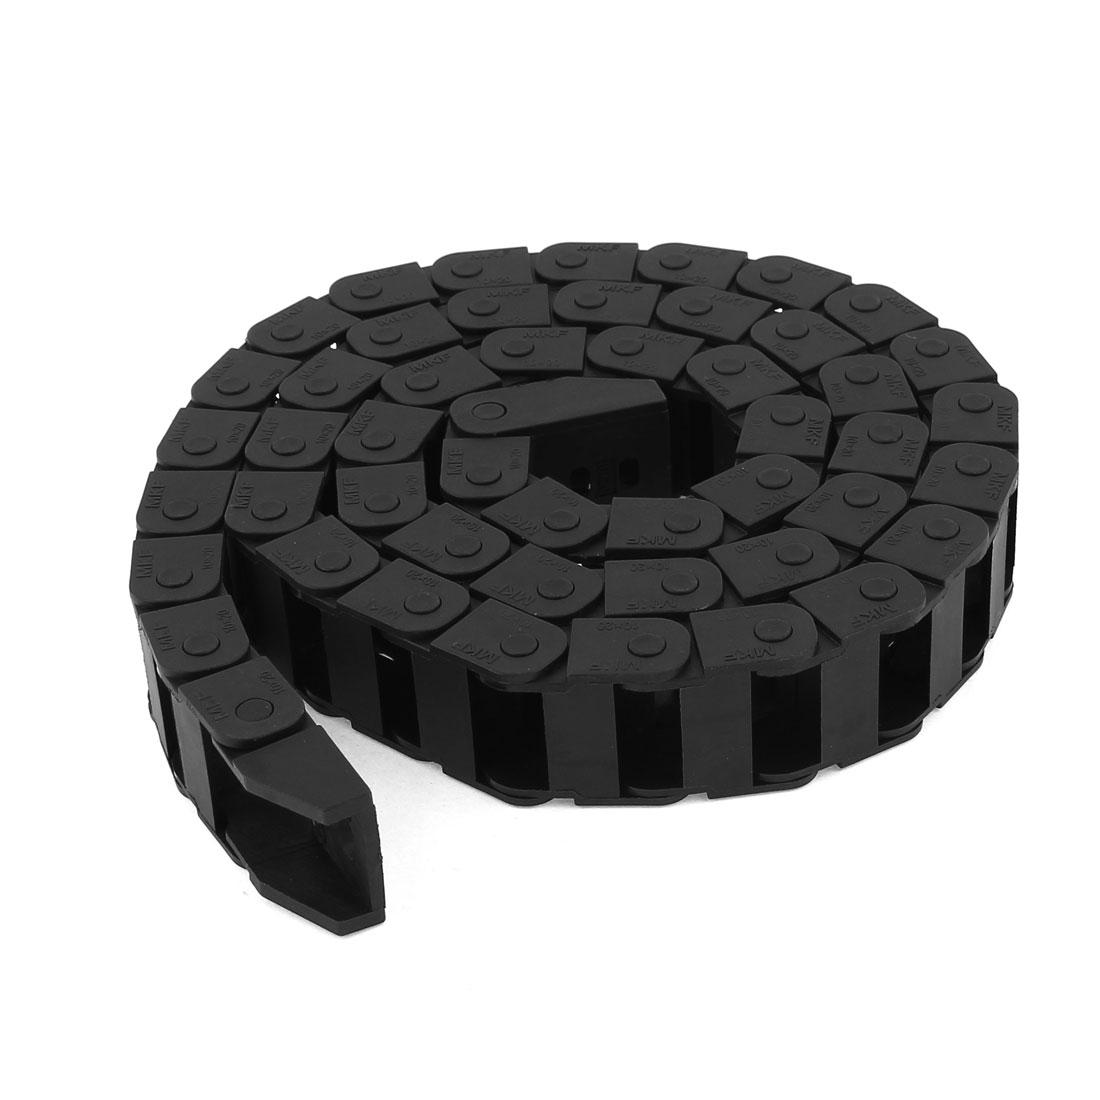 105cm Long Machine Plastic Towline Drag Chain Black 10mm x 20mm